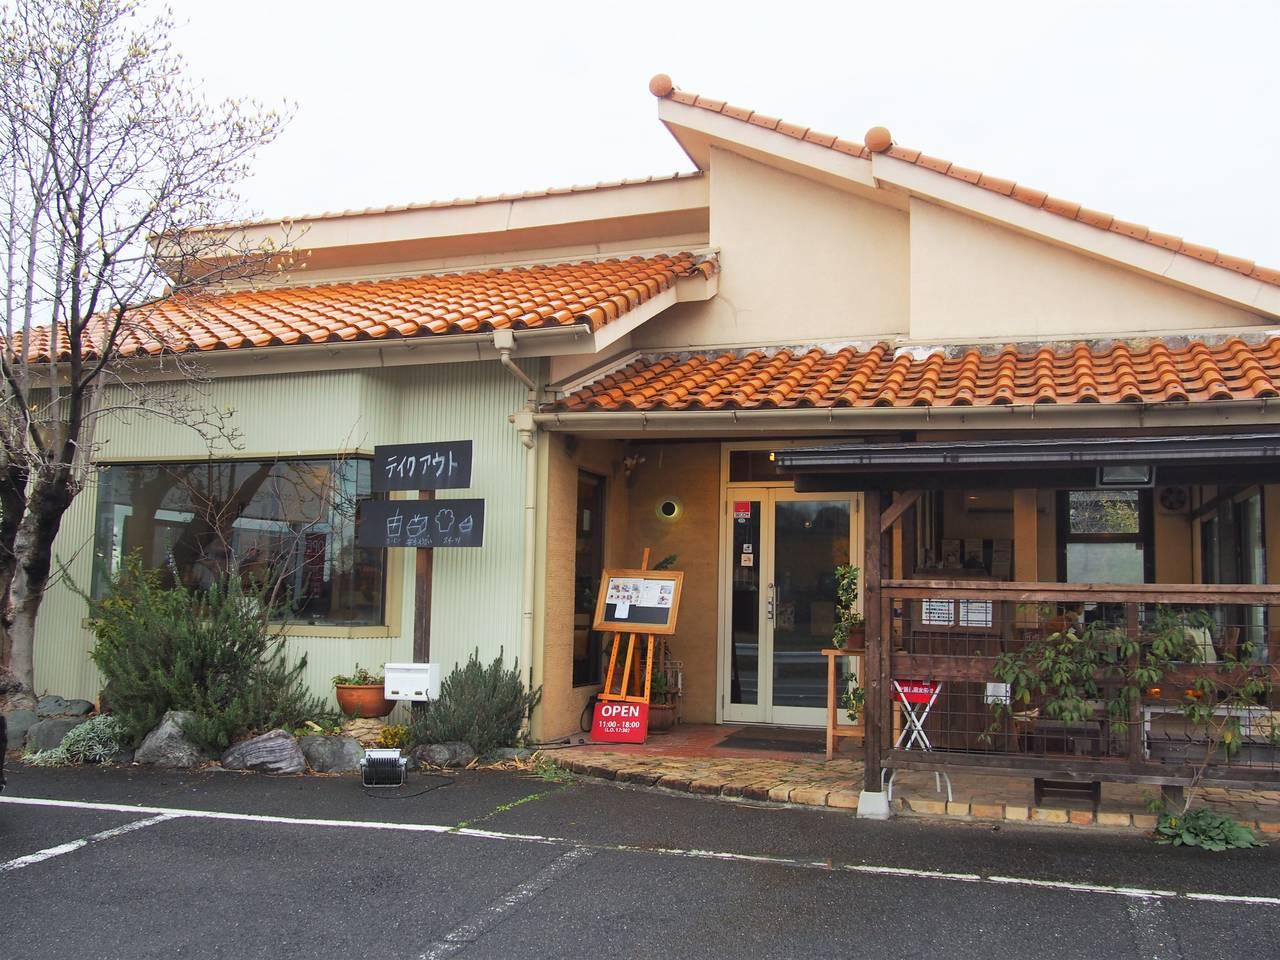 【愛知】「食堂andカフェ ひとつむぎ」の野菜たっぷりごはん